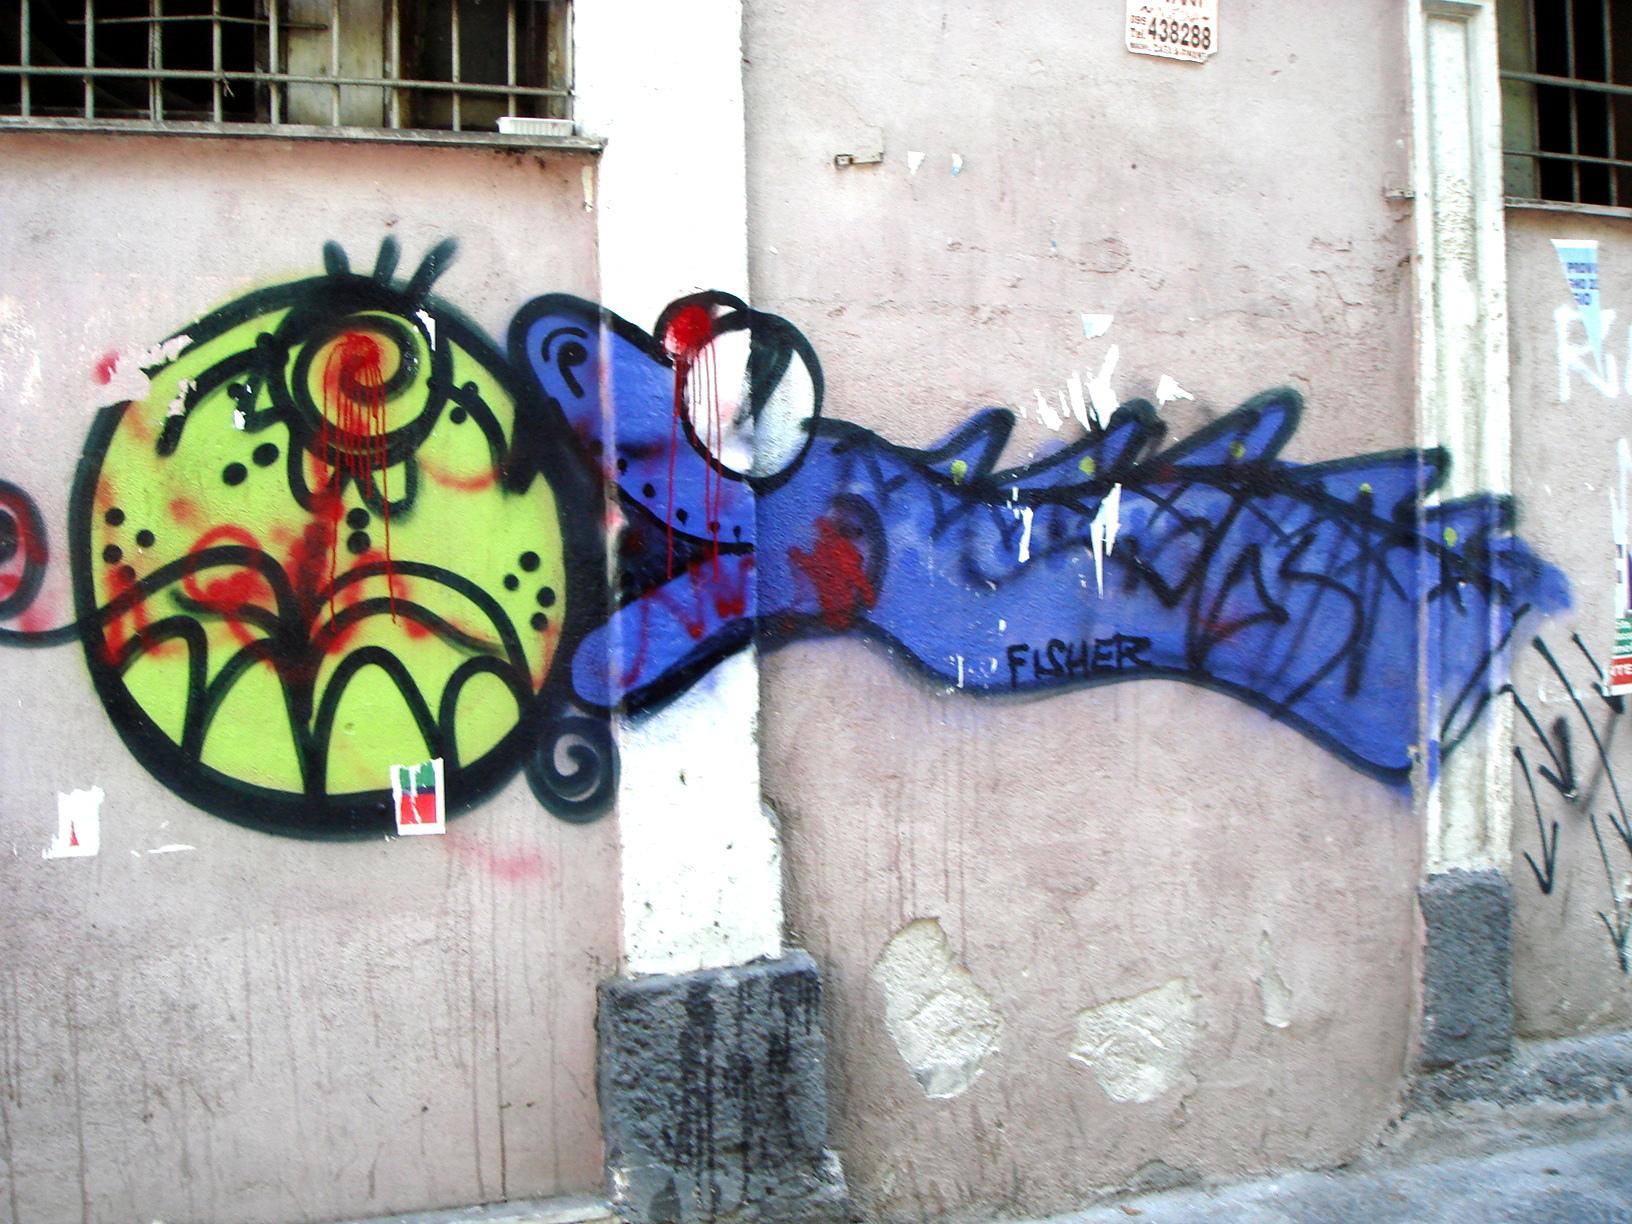 3001 catania graffiti foto giovanni dall orto 5 july 2008